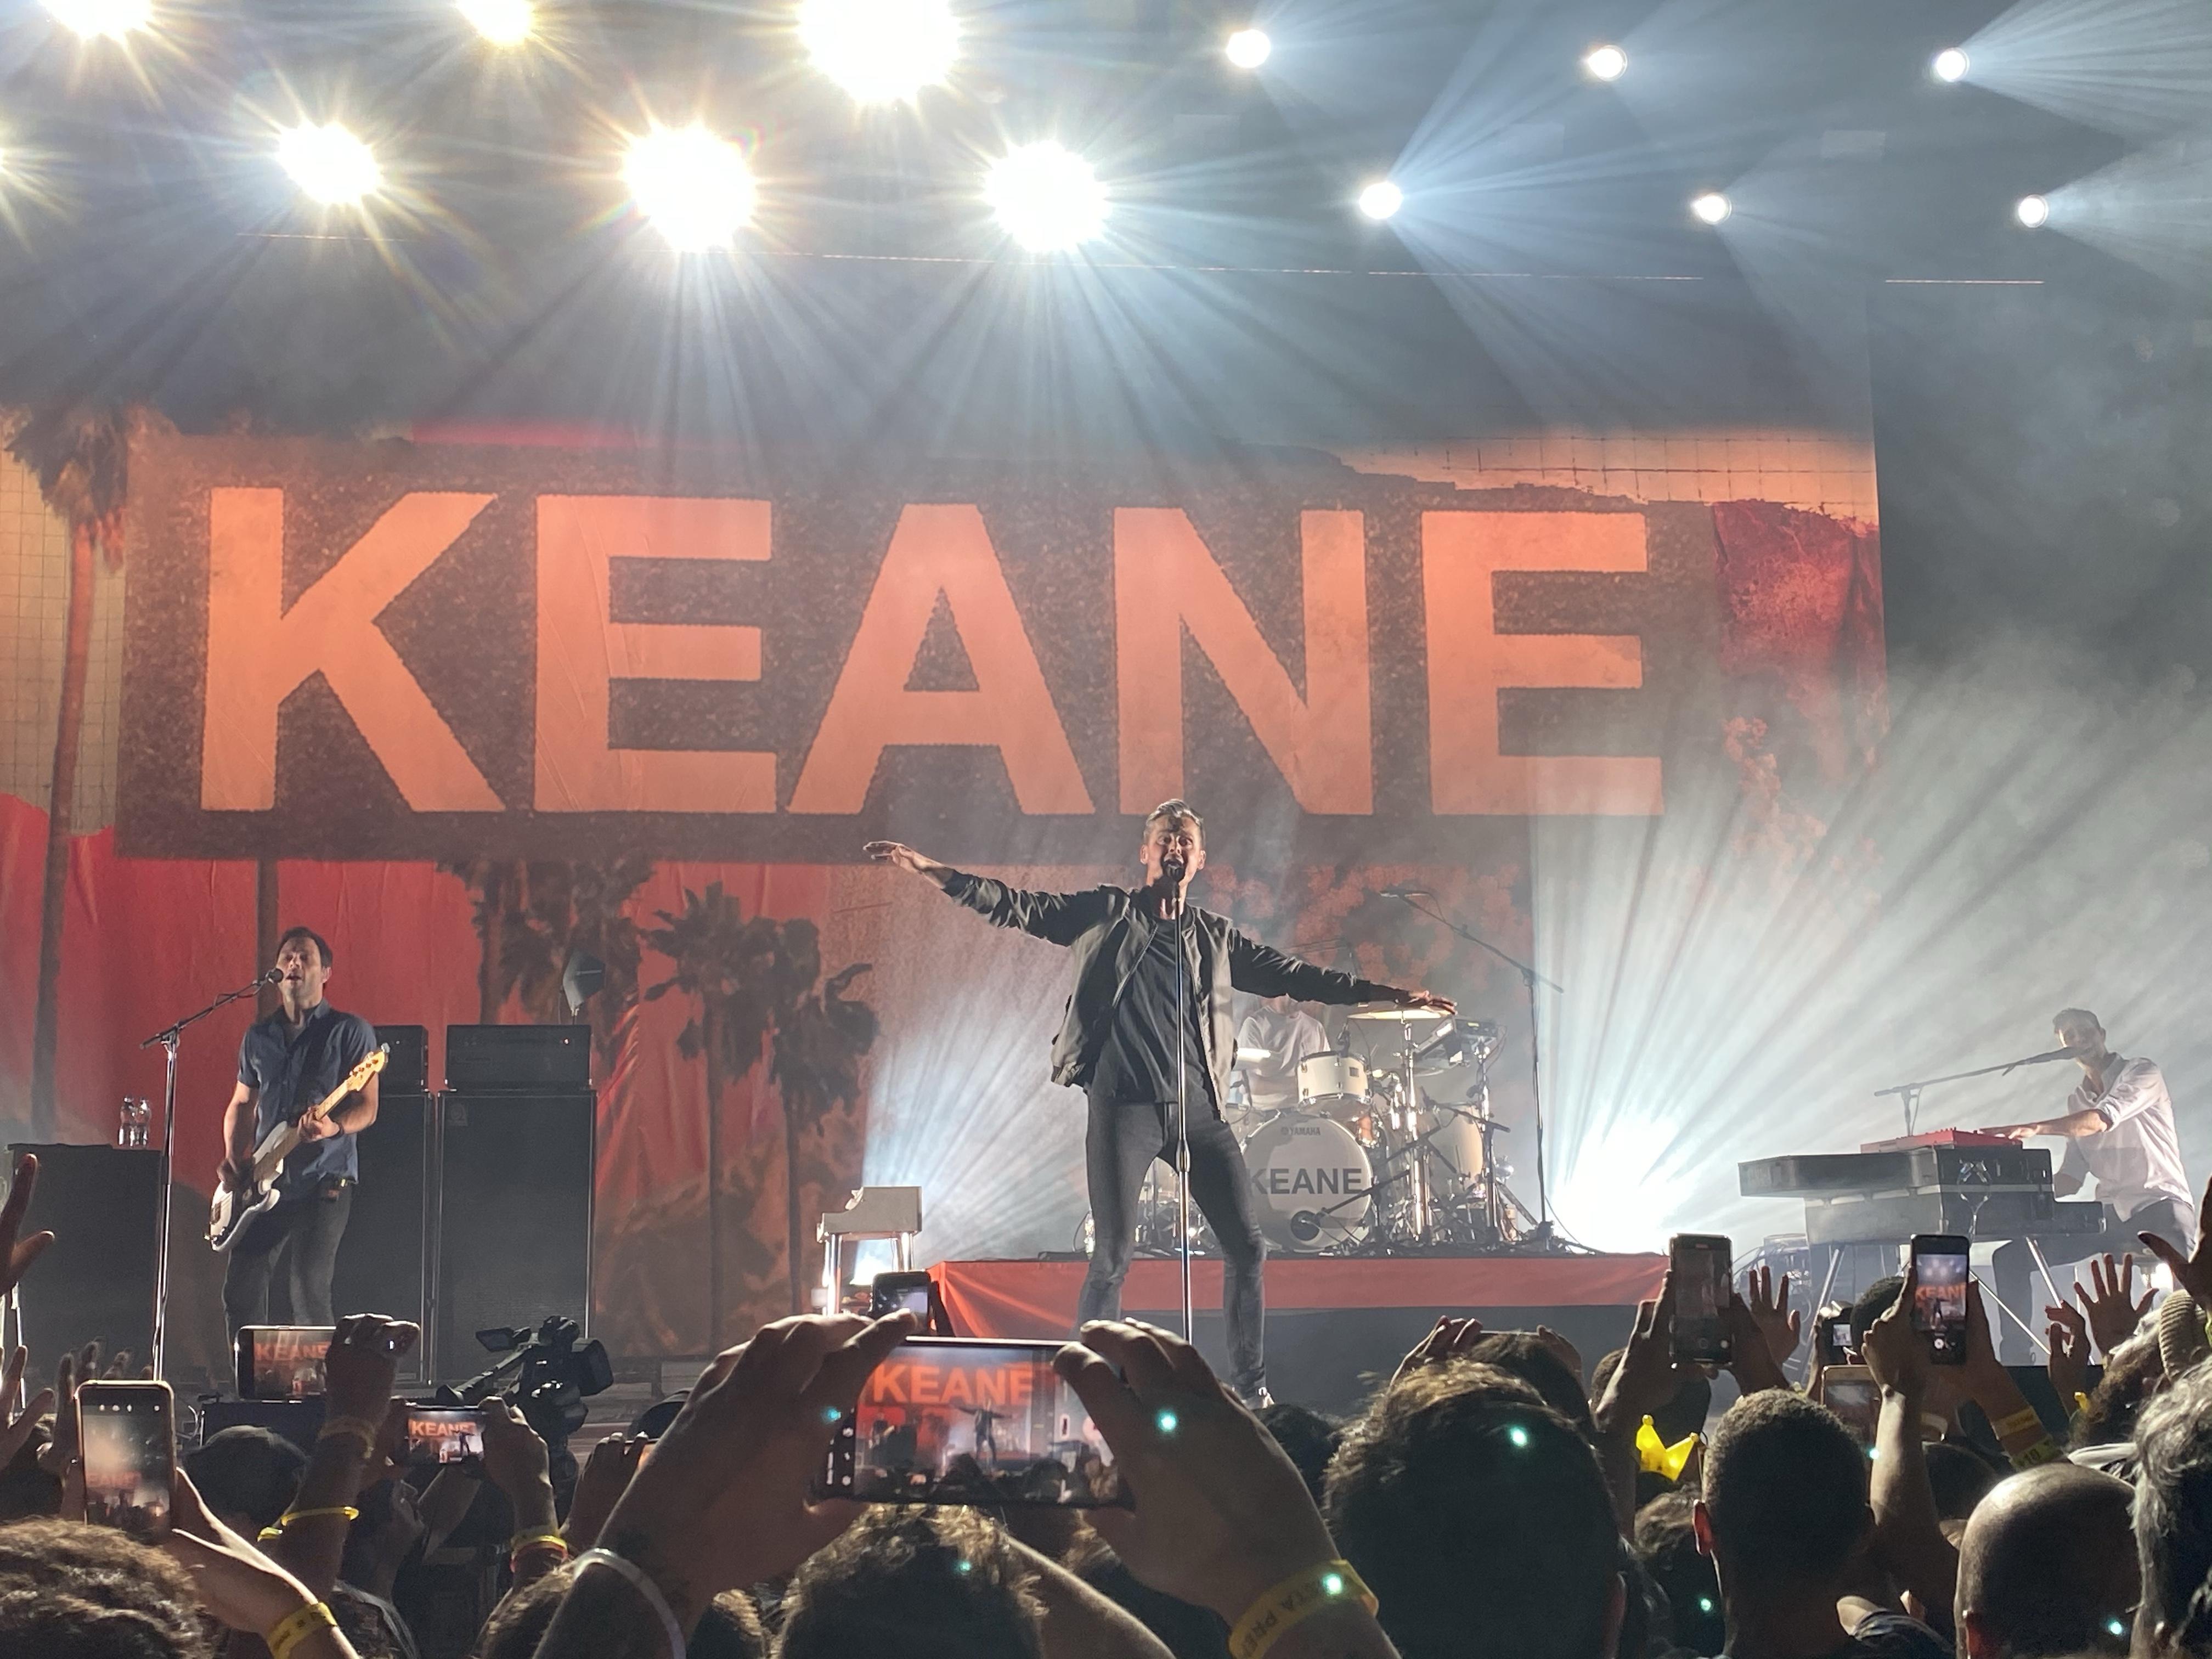 Retorno do Keane é celebrado calorosamente durante show em São Paulo; veja o setlist